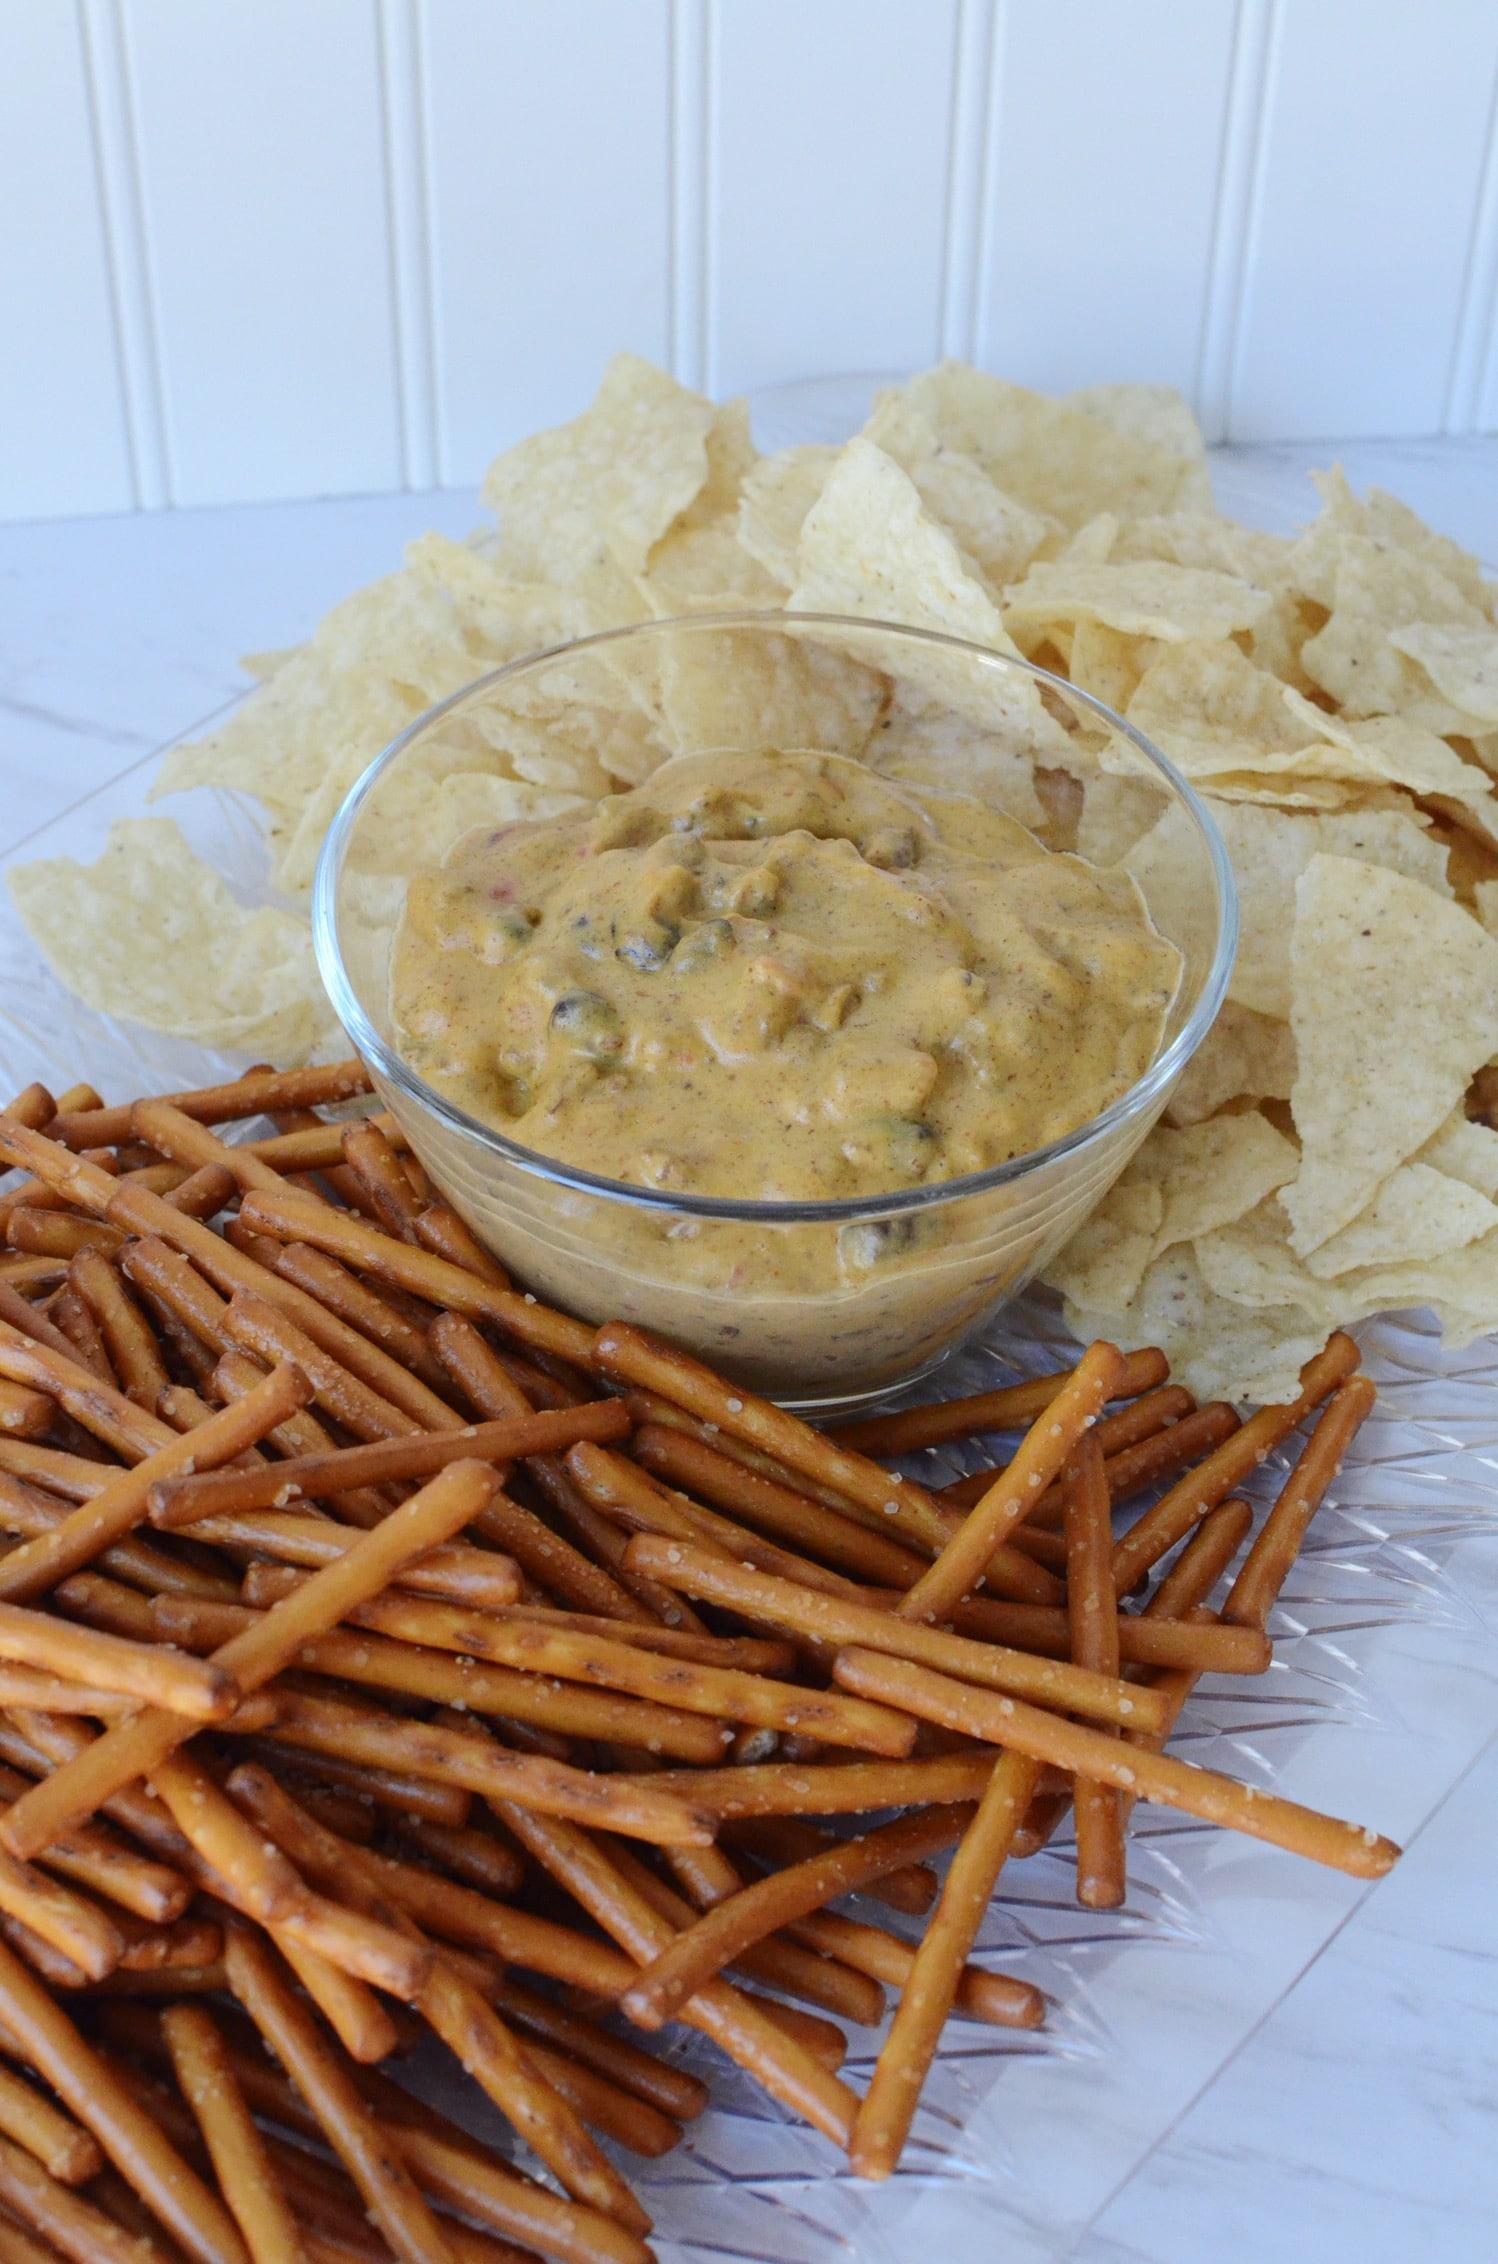 Dairy free chili cheese dip v